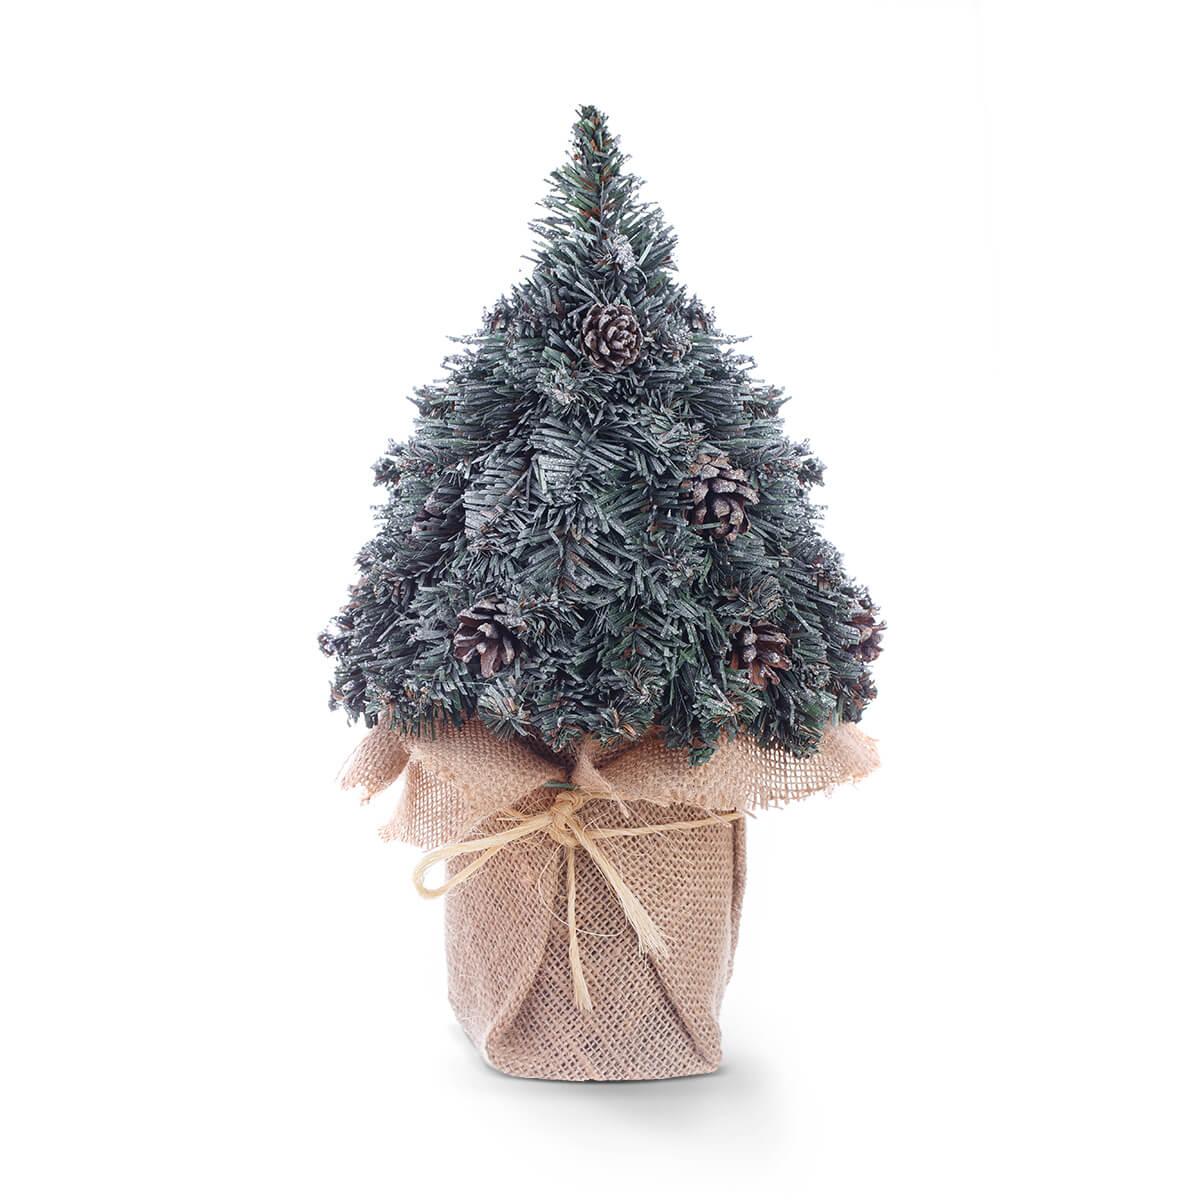 Mini-weihnachtsbaum-deko-weiss55deda453a98a